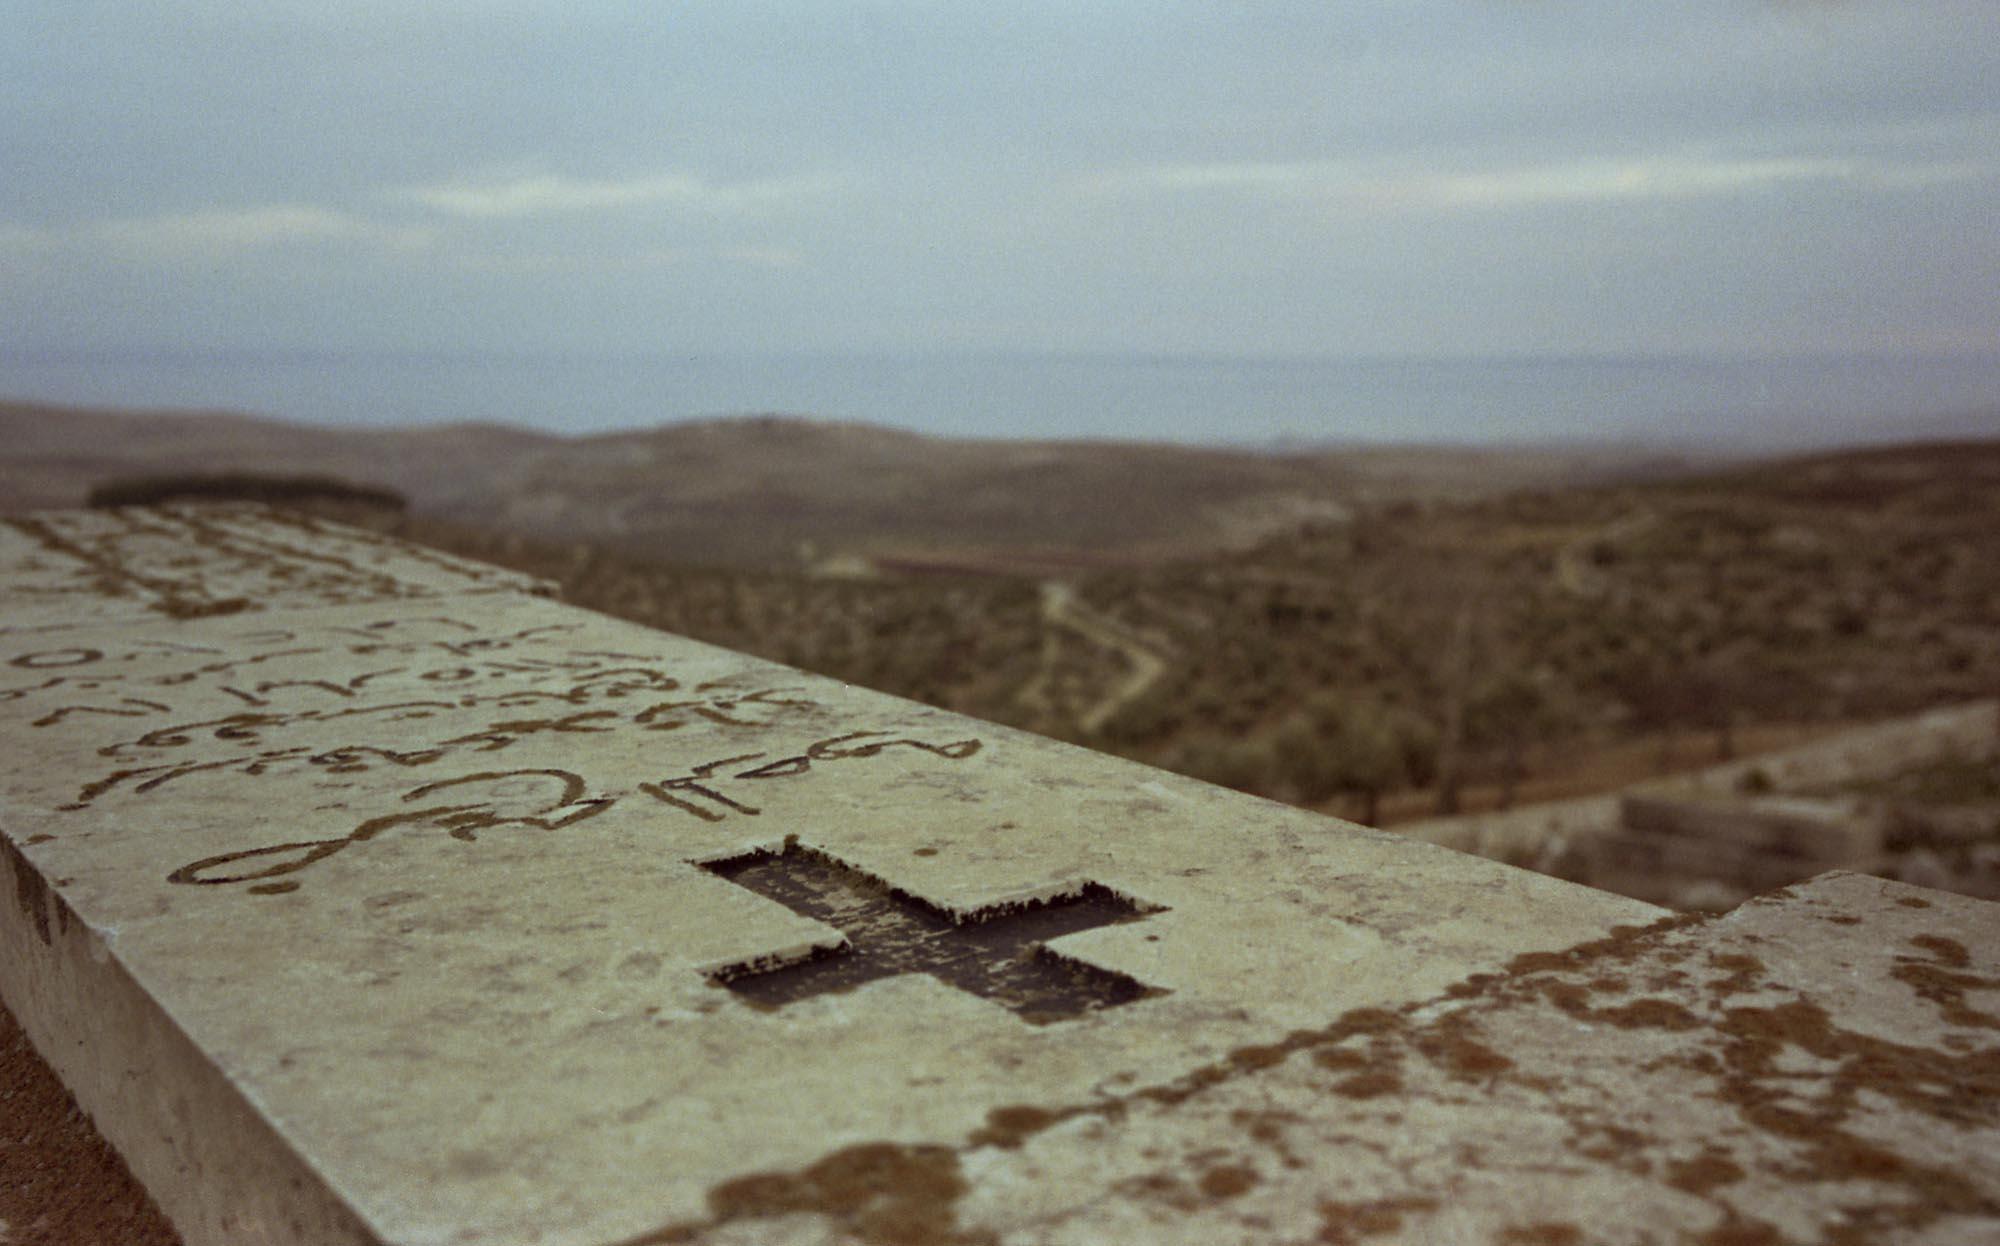 Jordan Valley, West Bank 2003